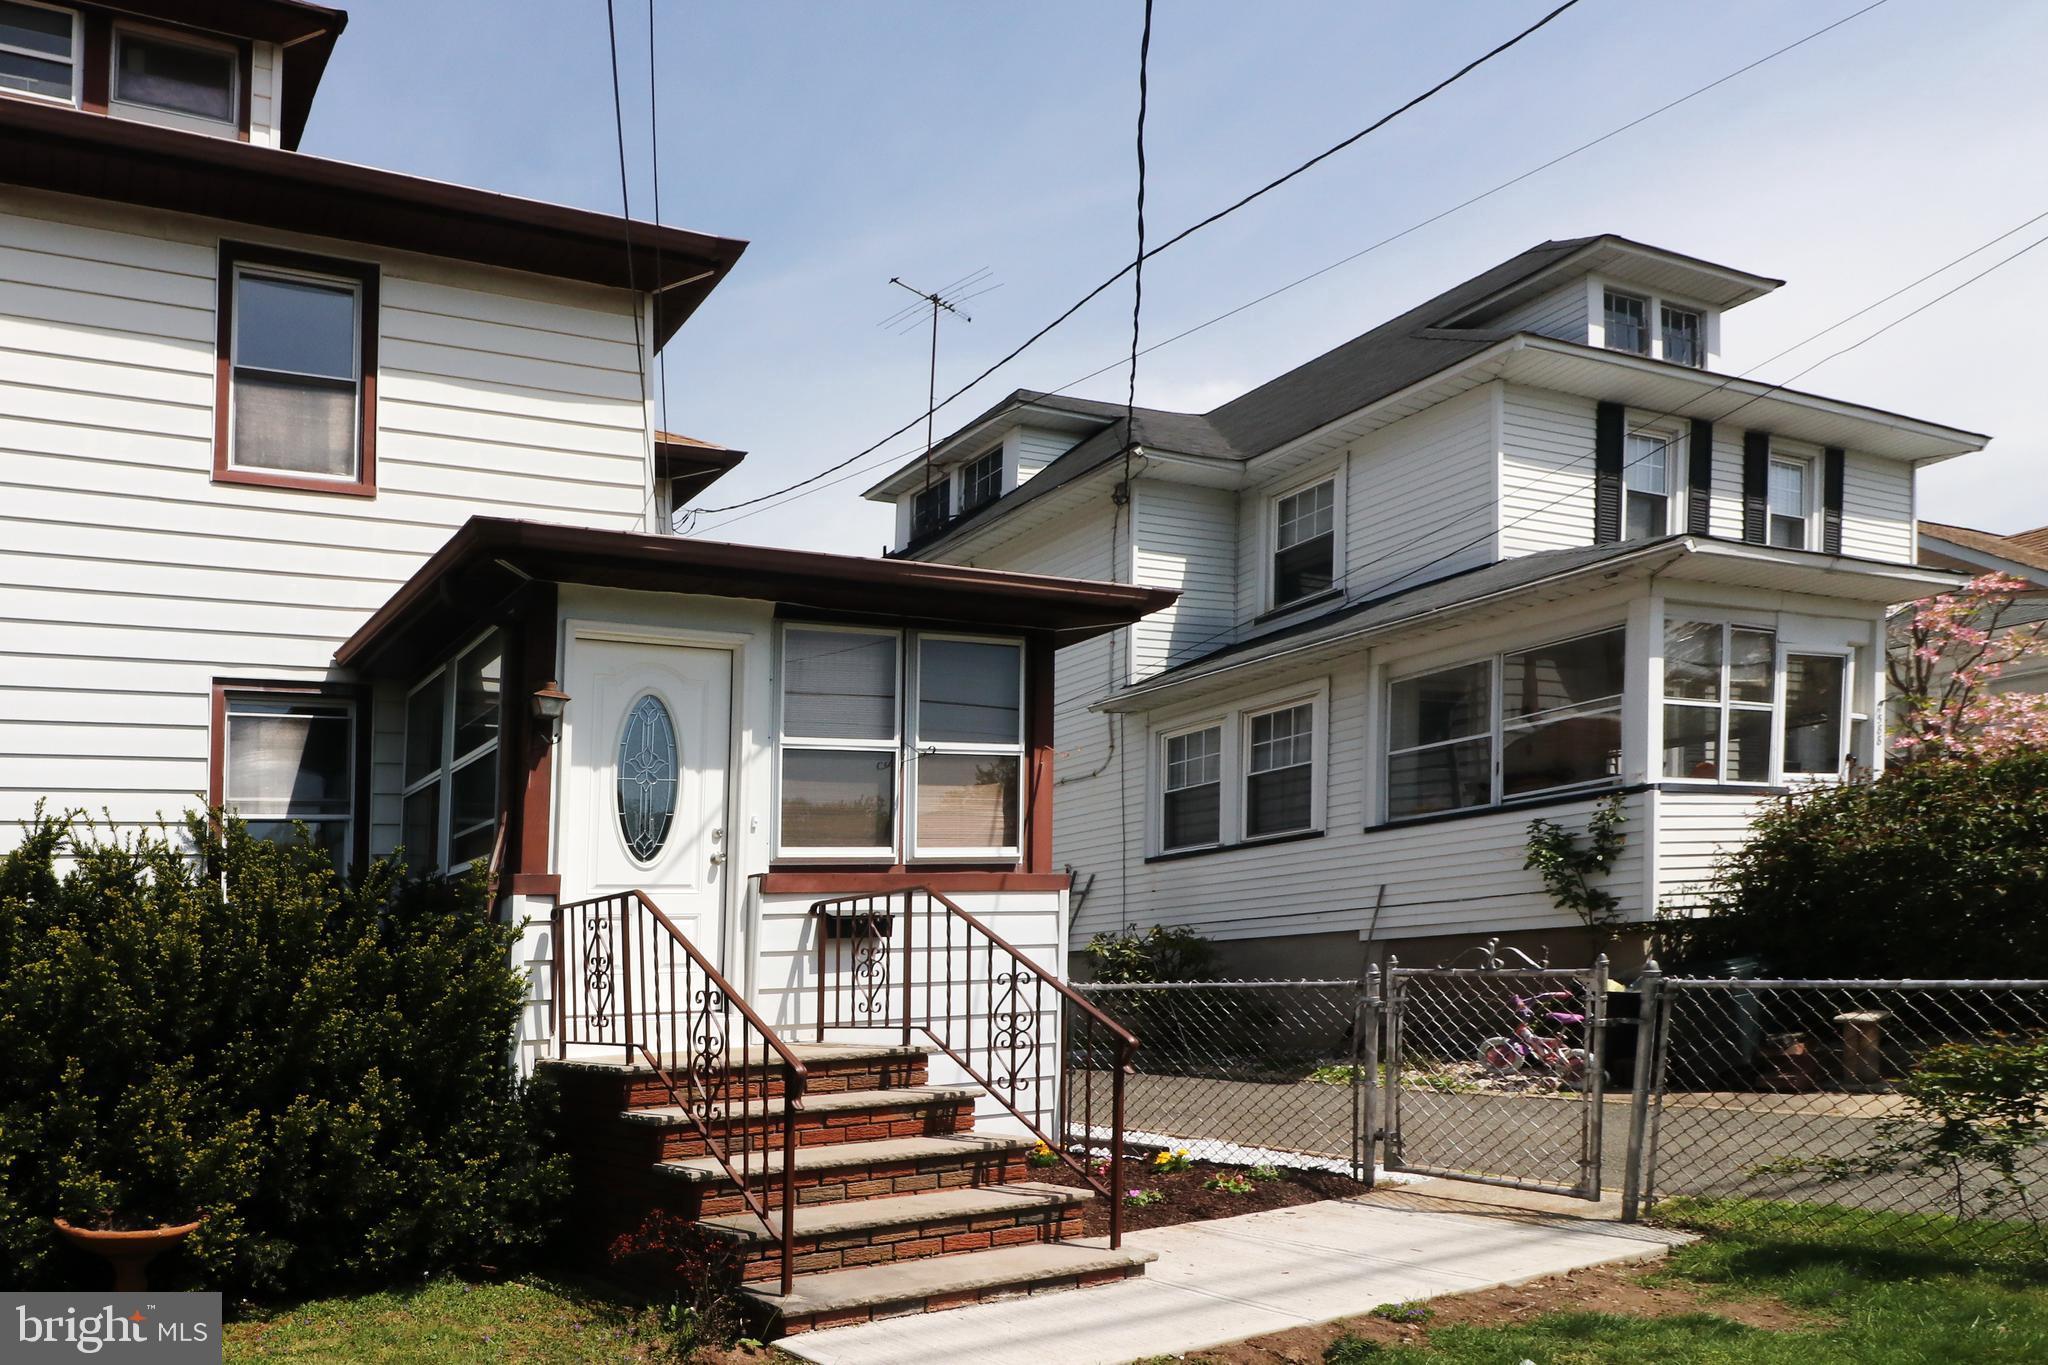 586 PASSAIC AVENUE, KENILWORTH, NJ 07033